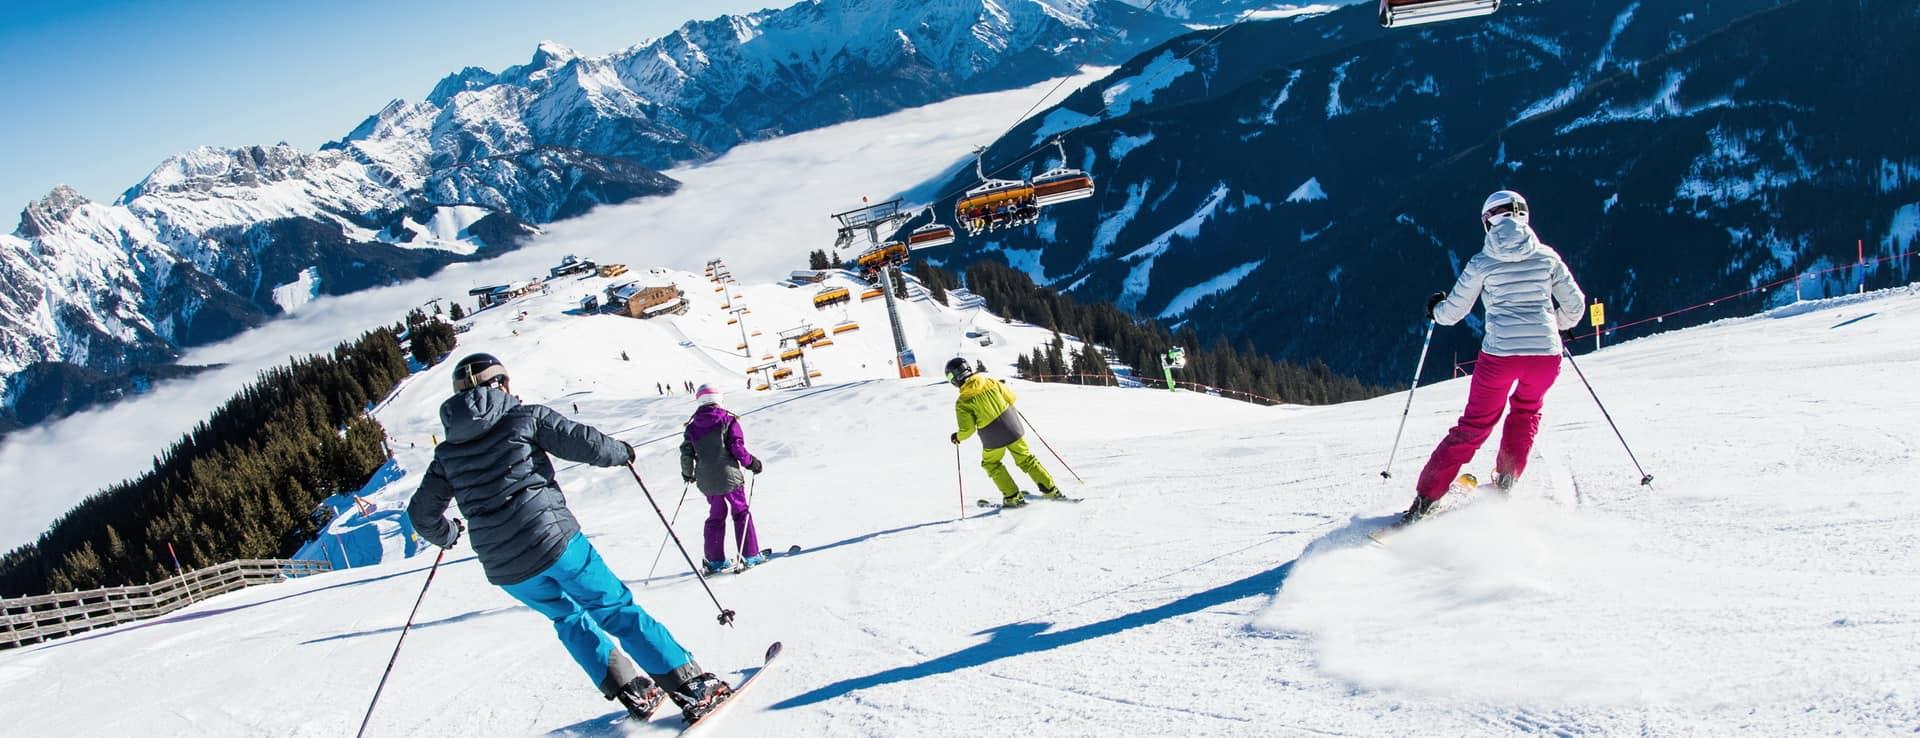 Alpin skidåkning familj skidsemester härliga backar Saalfelden Leogang Fieberbrunn skicircus